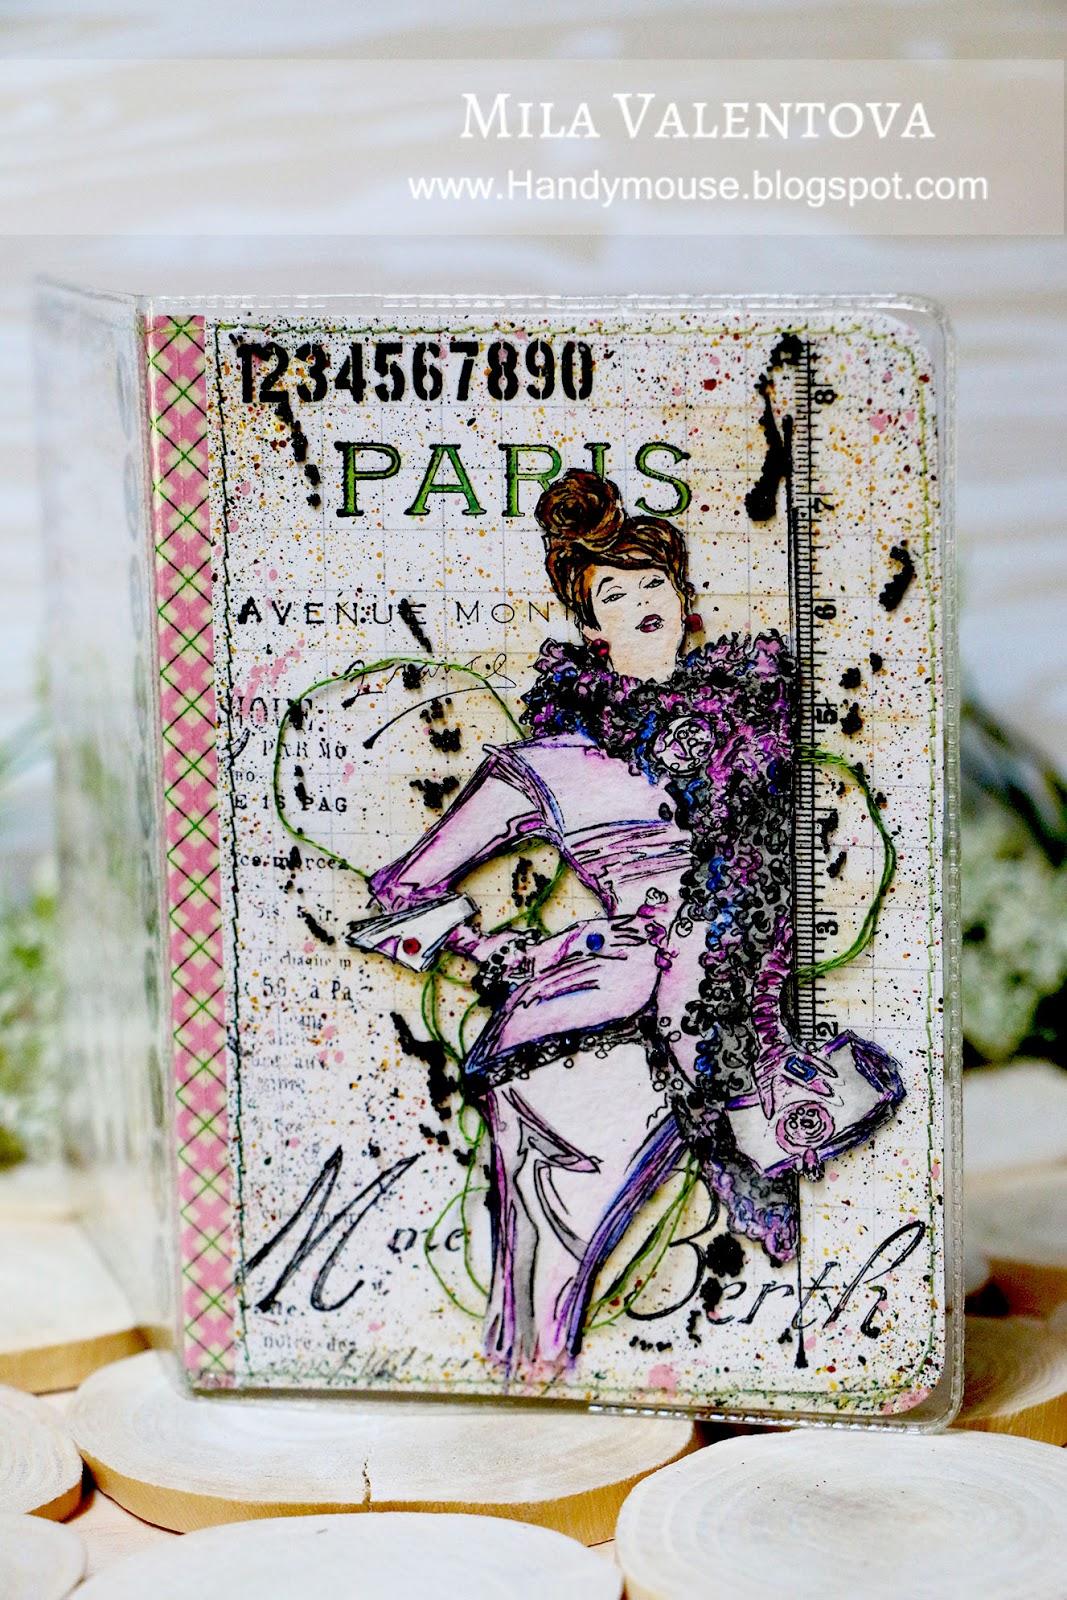 """Обложка для паспорта""""Париж, Париж - сон на яву"""". Мила Валентова."""